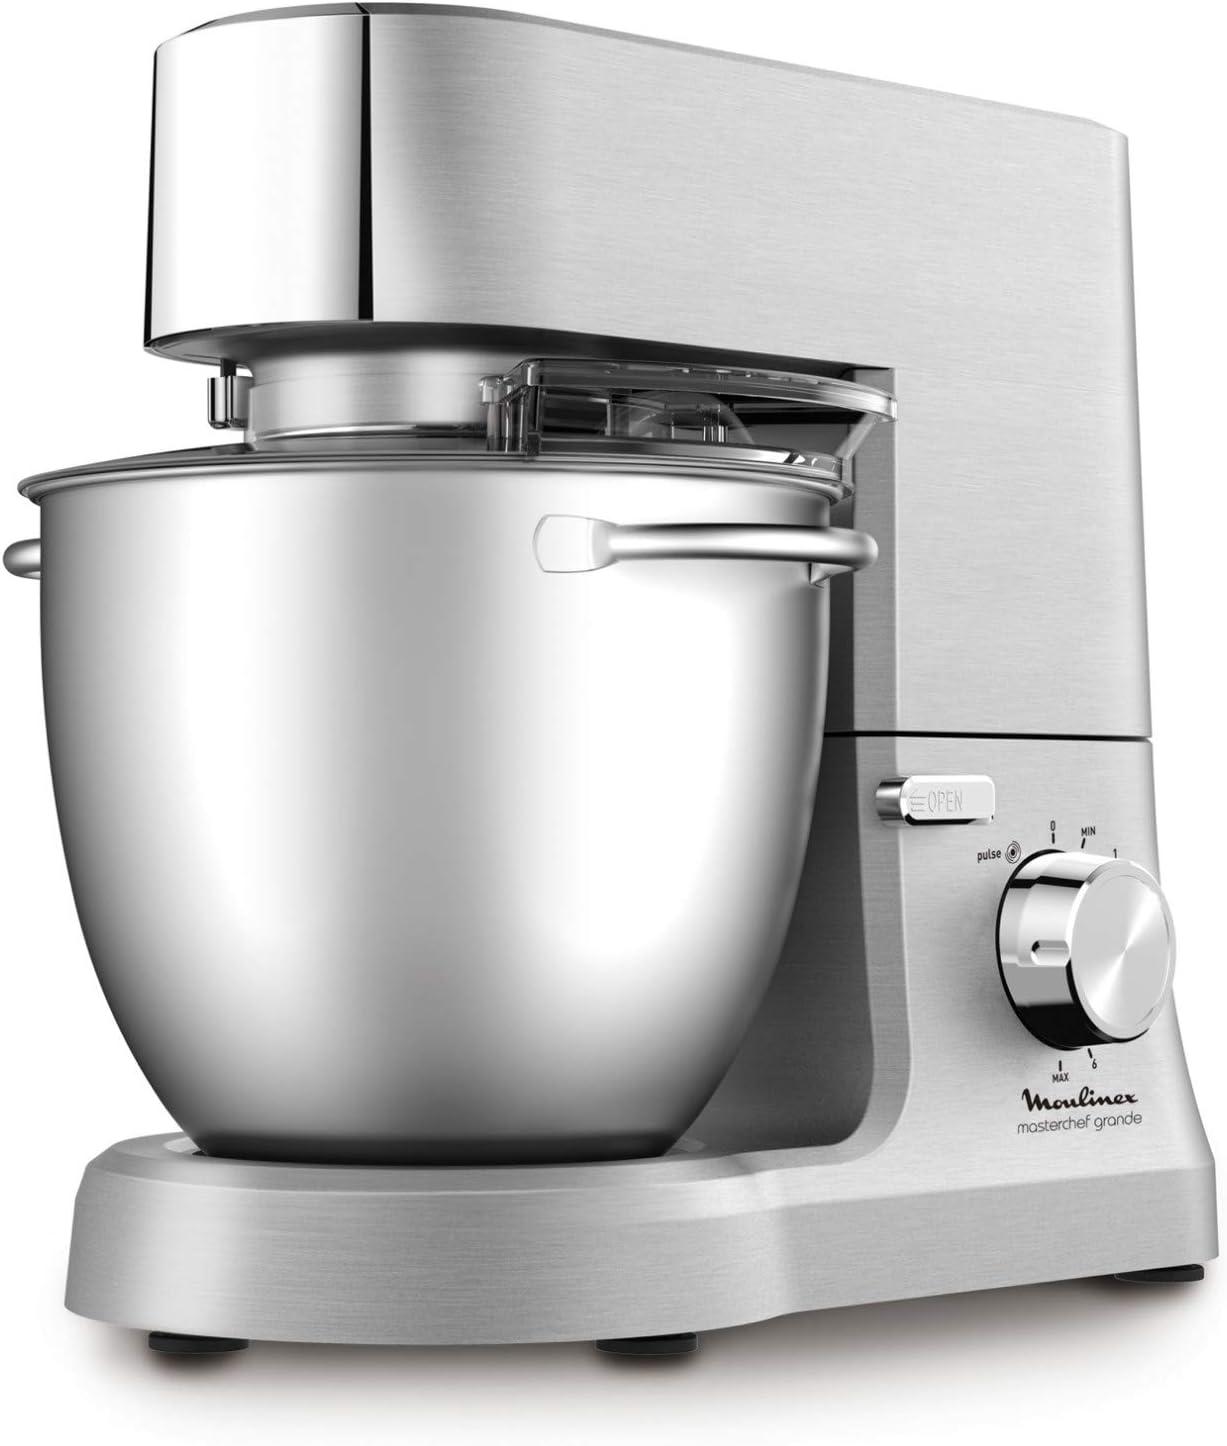 Moulinex Masterchef QA810D01 - Robot de cocina y repostería profesional 1500 W con kit de masas metálico, bol XL de 6,7 L, 4 posibilidades de accesoríos compatibles, de acero inoxidable